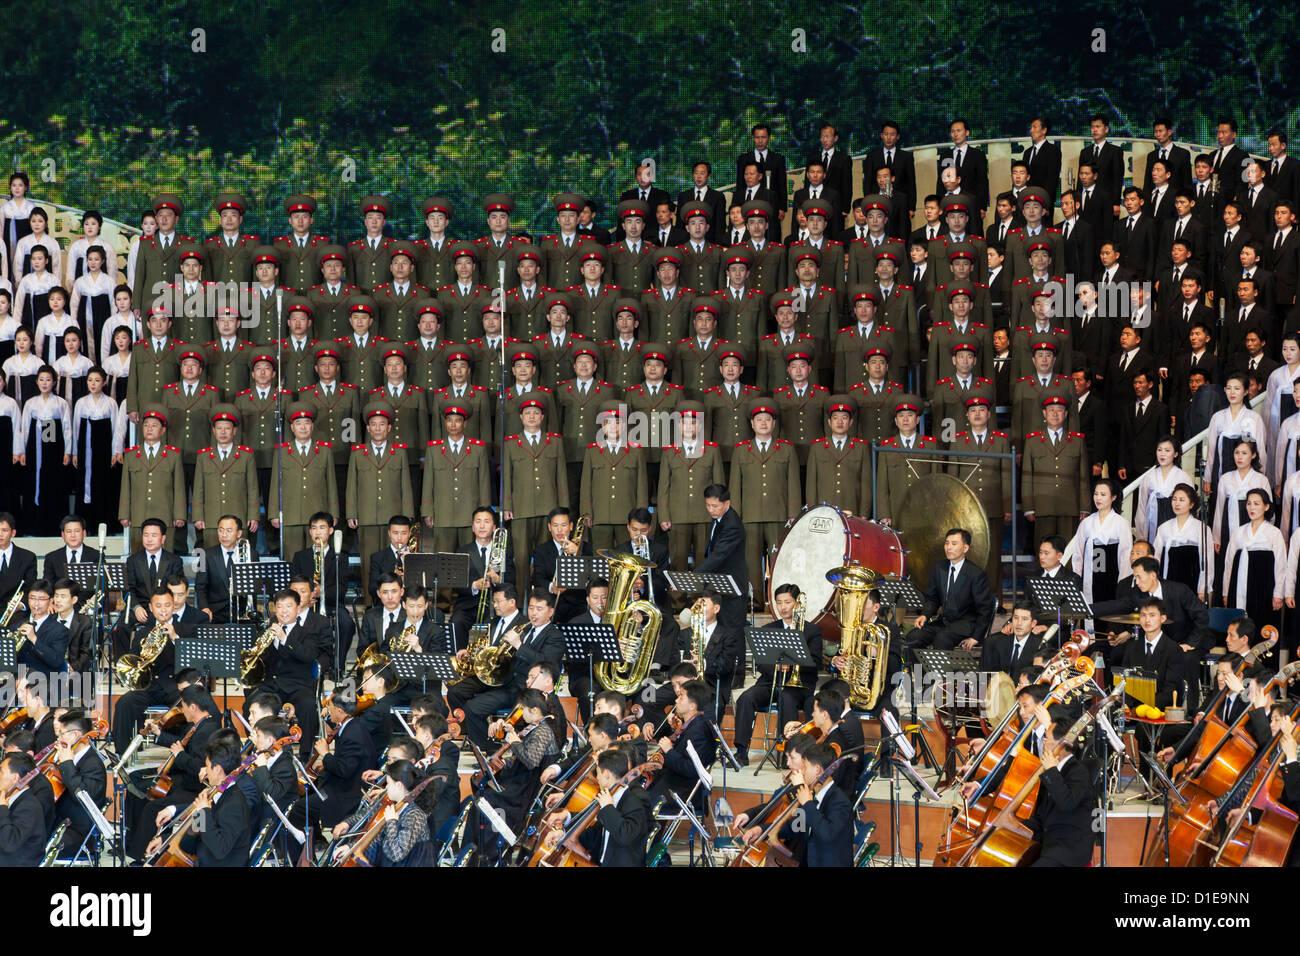 Hallenstadion Pjöngjang Leistung, Pyongyang, Demokratische Volksrepublik Korea (DVRK), Nordkorea, Asien Stockbild